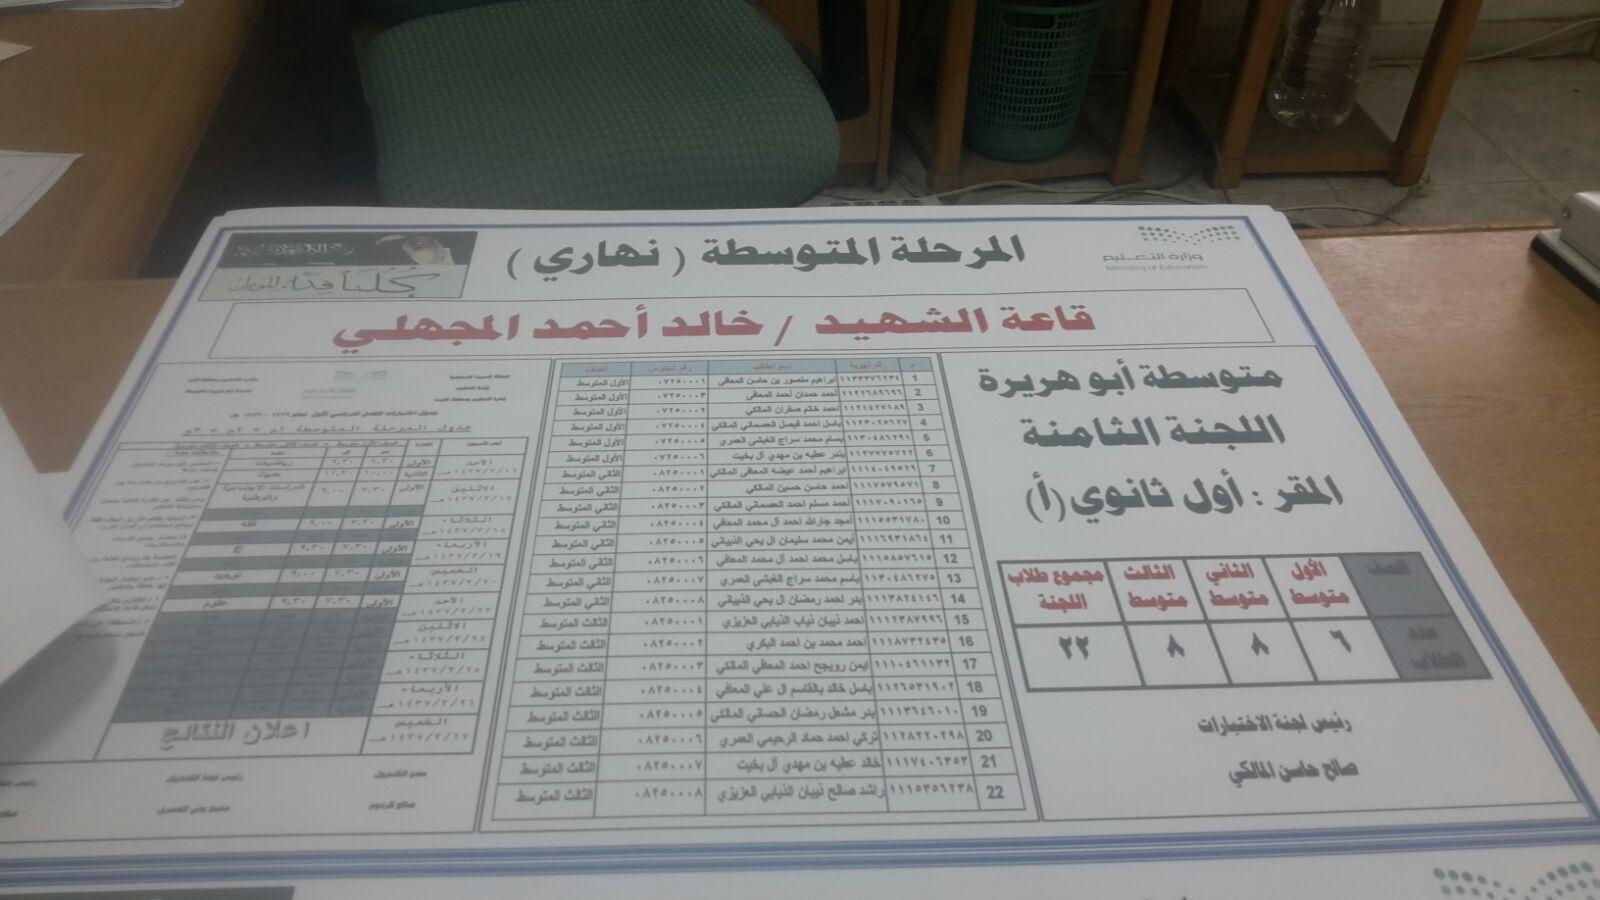 اسماء-الشهداء-تزين-مدرستين-باضم (3)